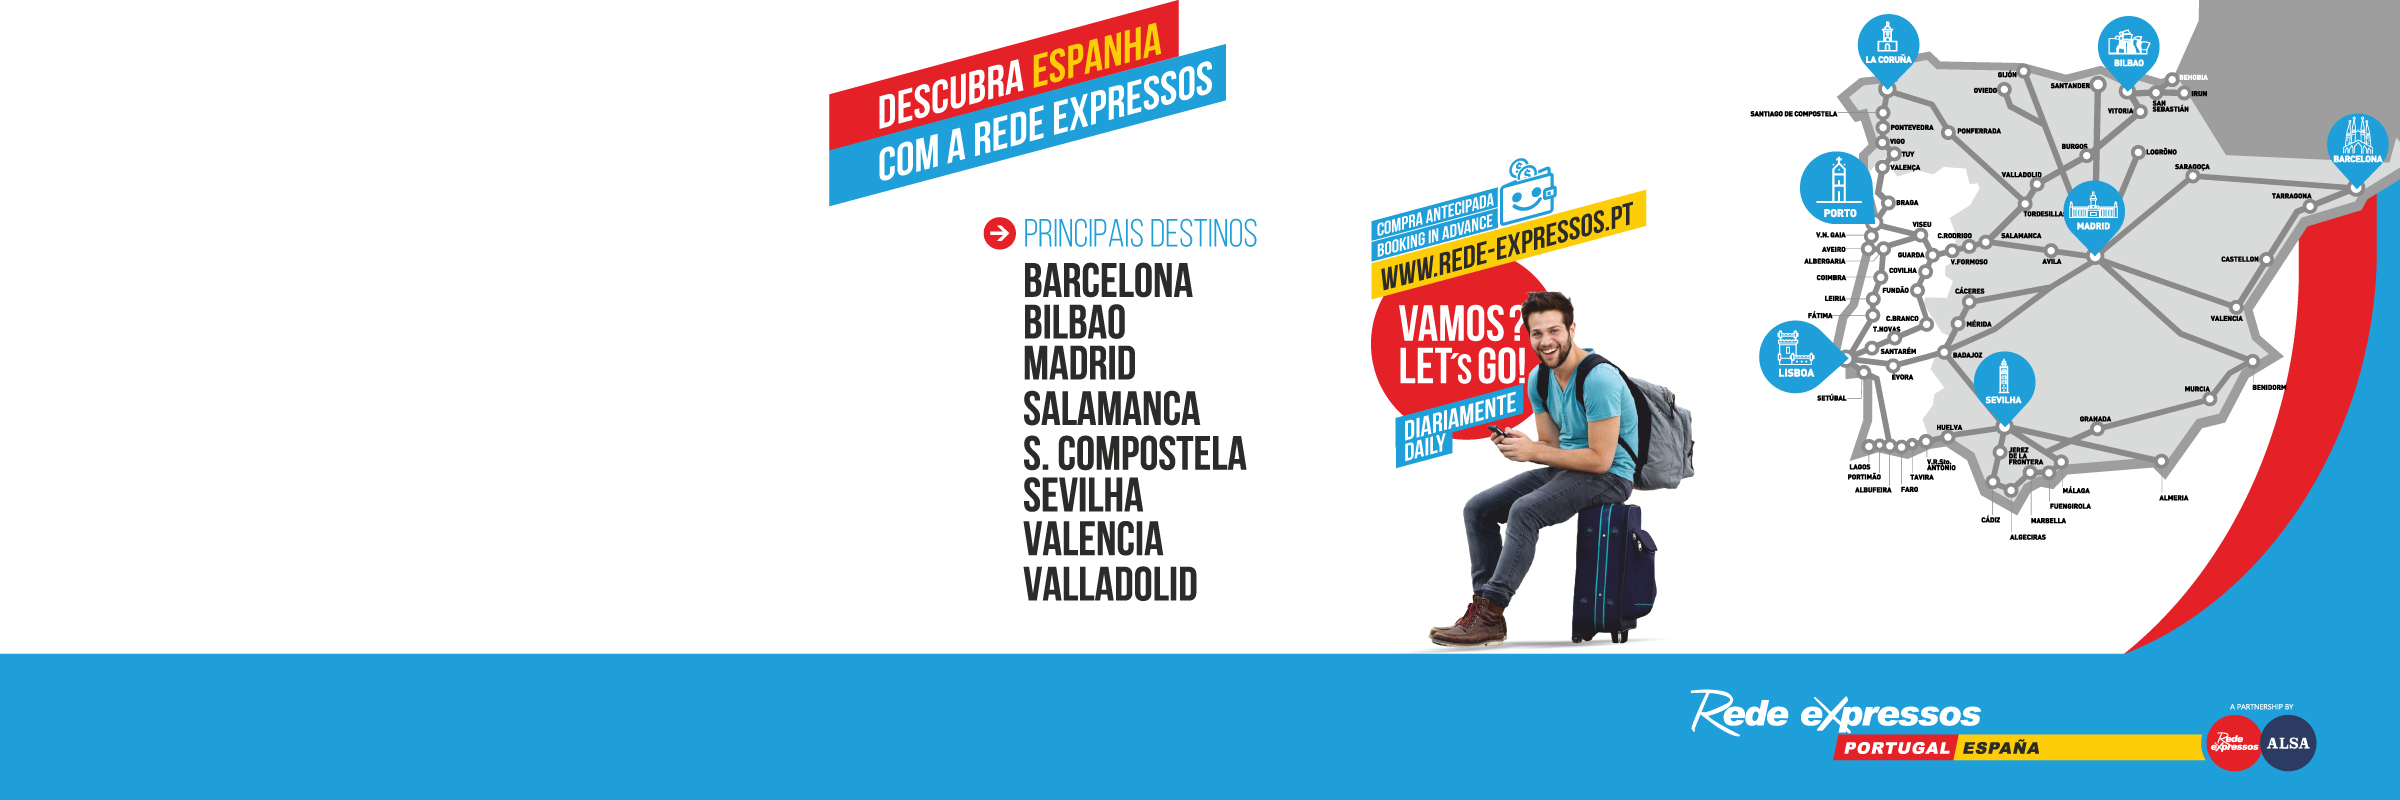 Banner_Rede-Iberica_WebsiteRT_2000X800px_V4_mala